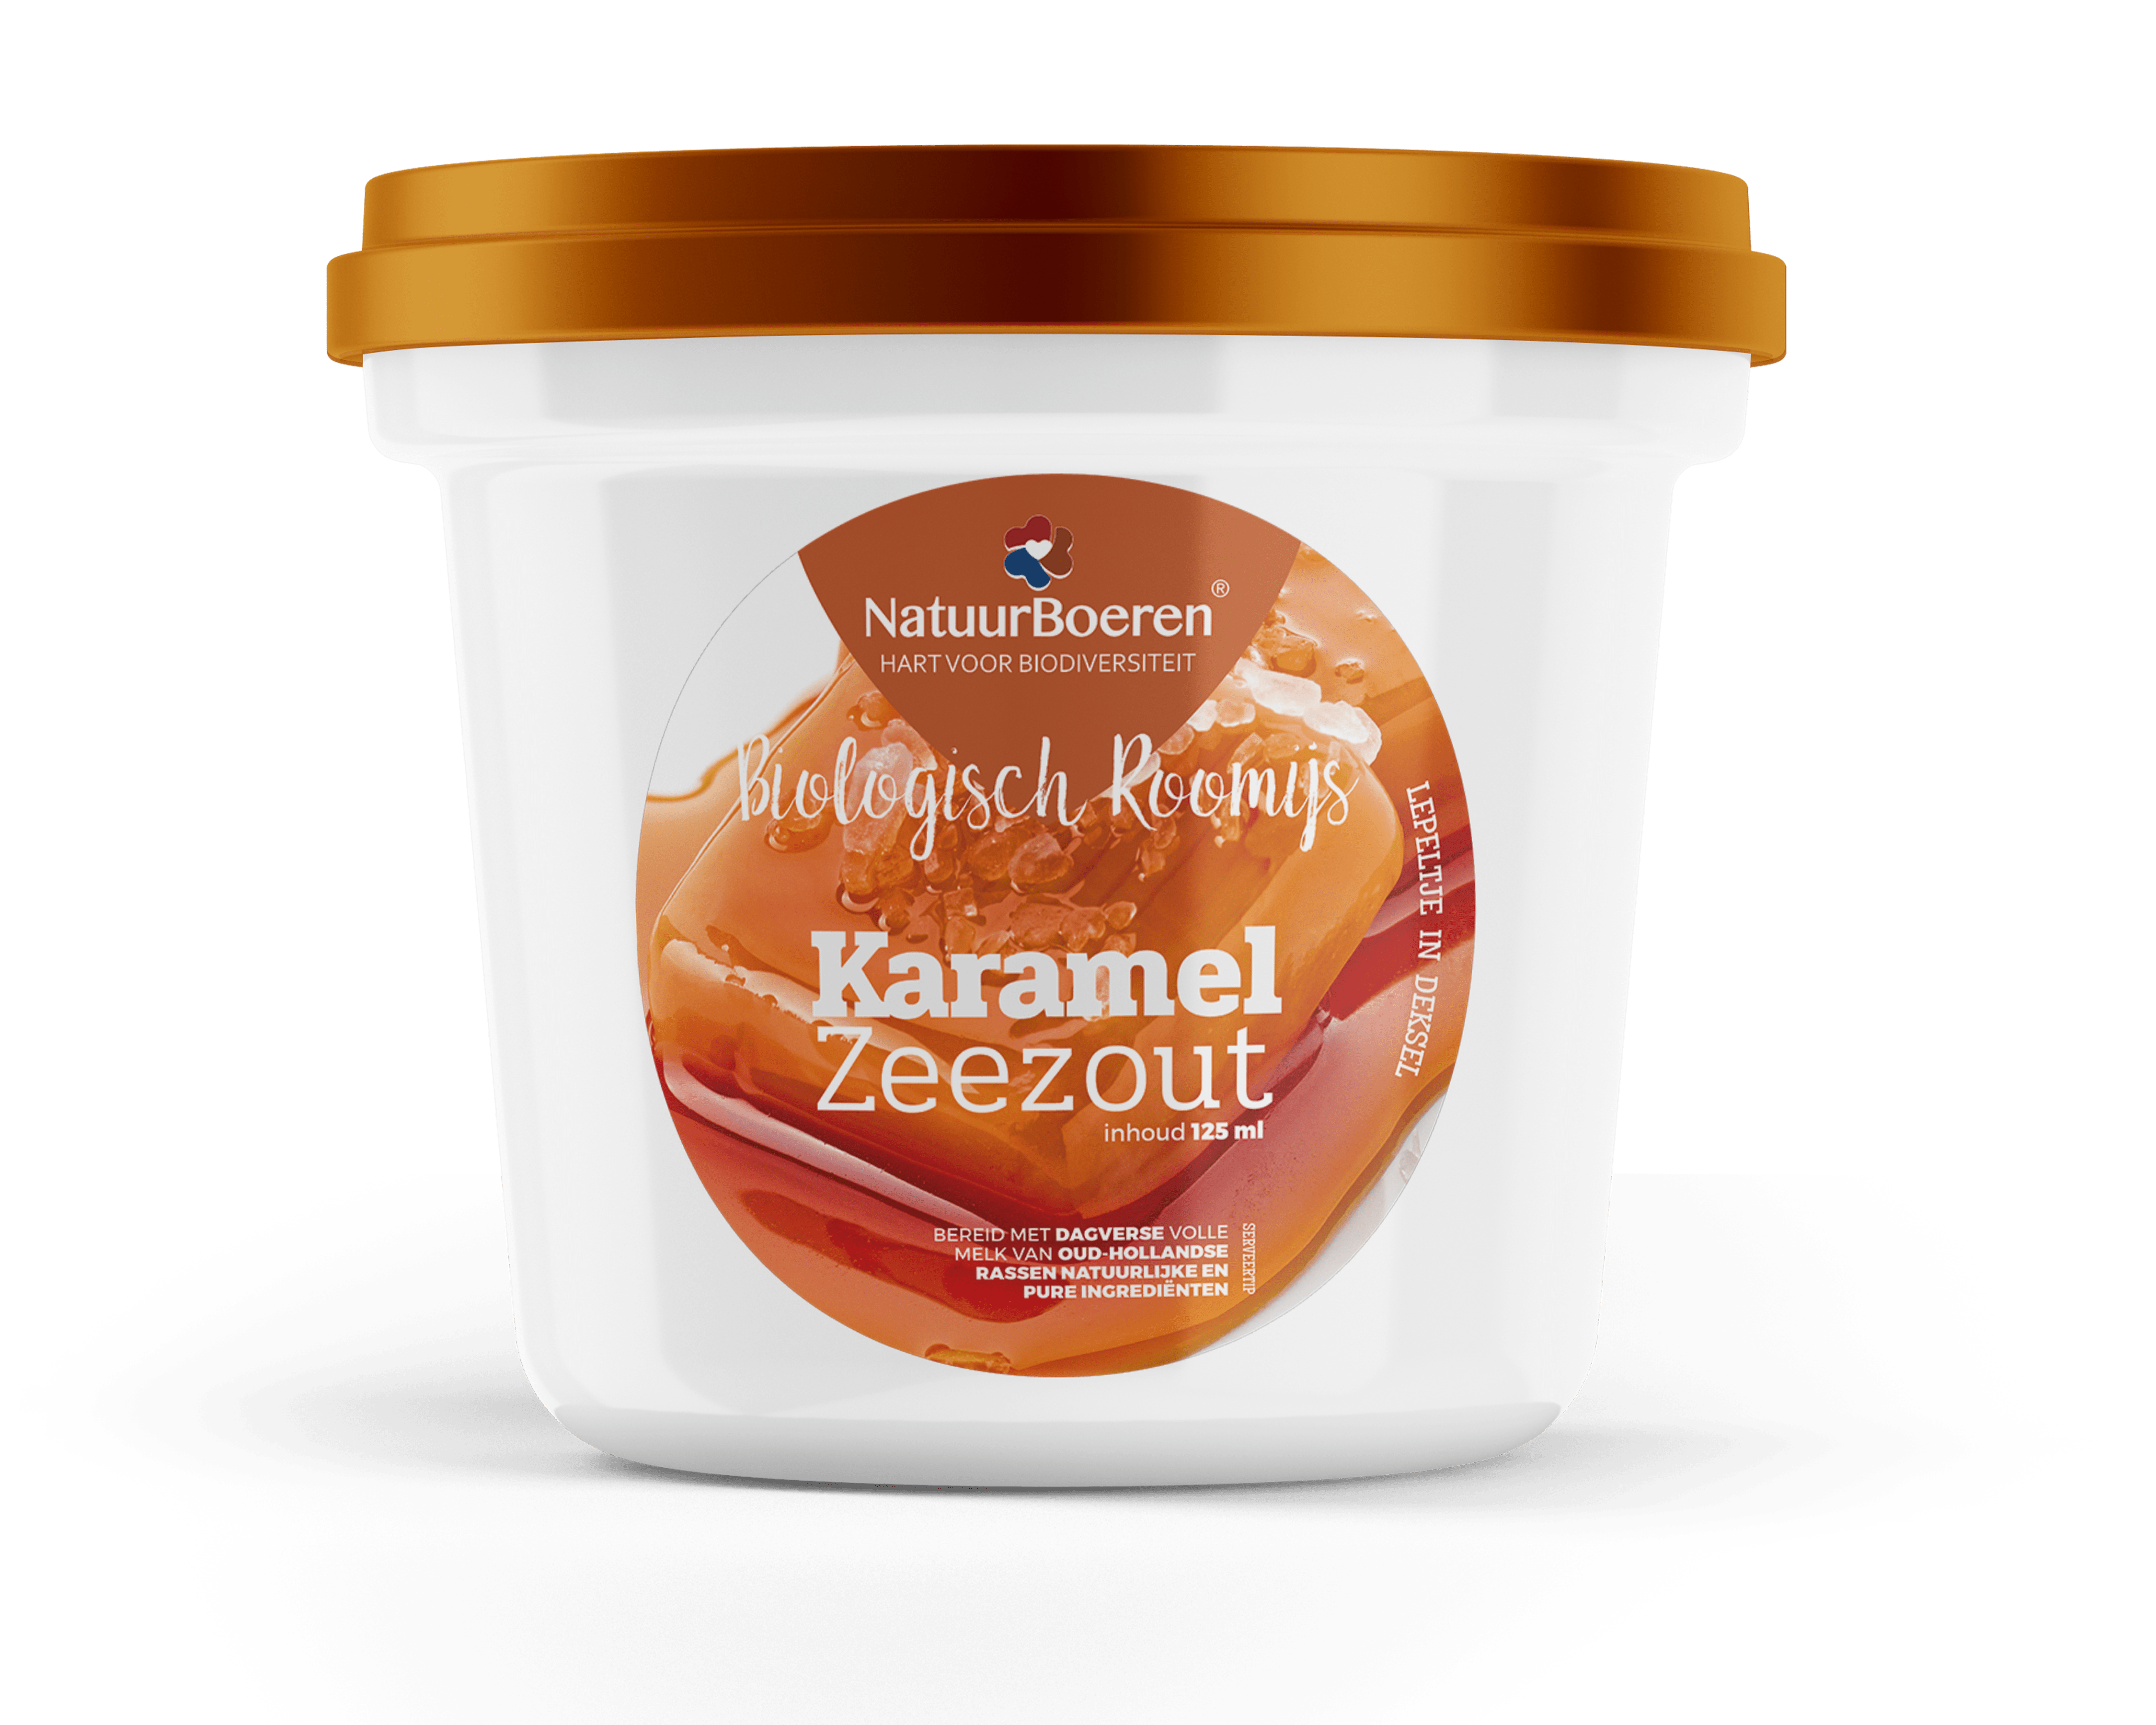 Karamel Zeezout